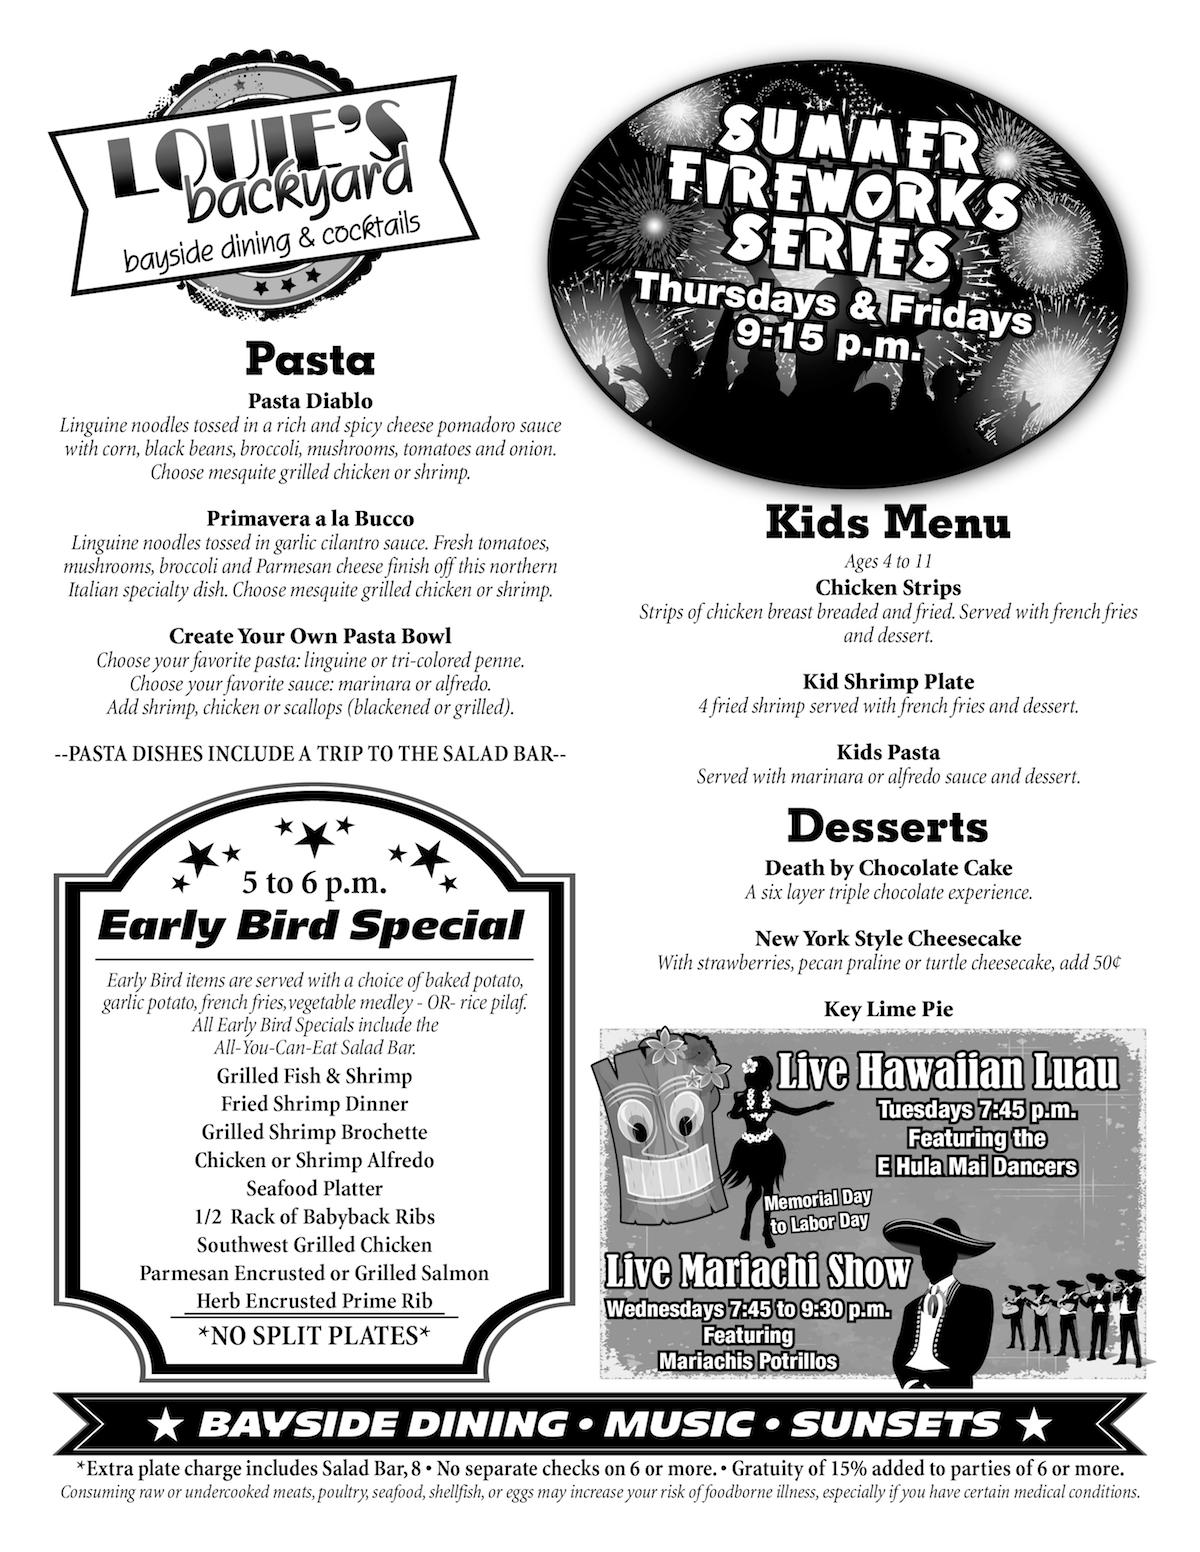 Louie's Bayside Dining Menu Page 2